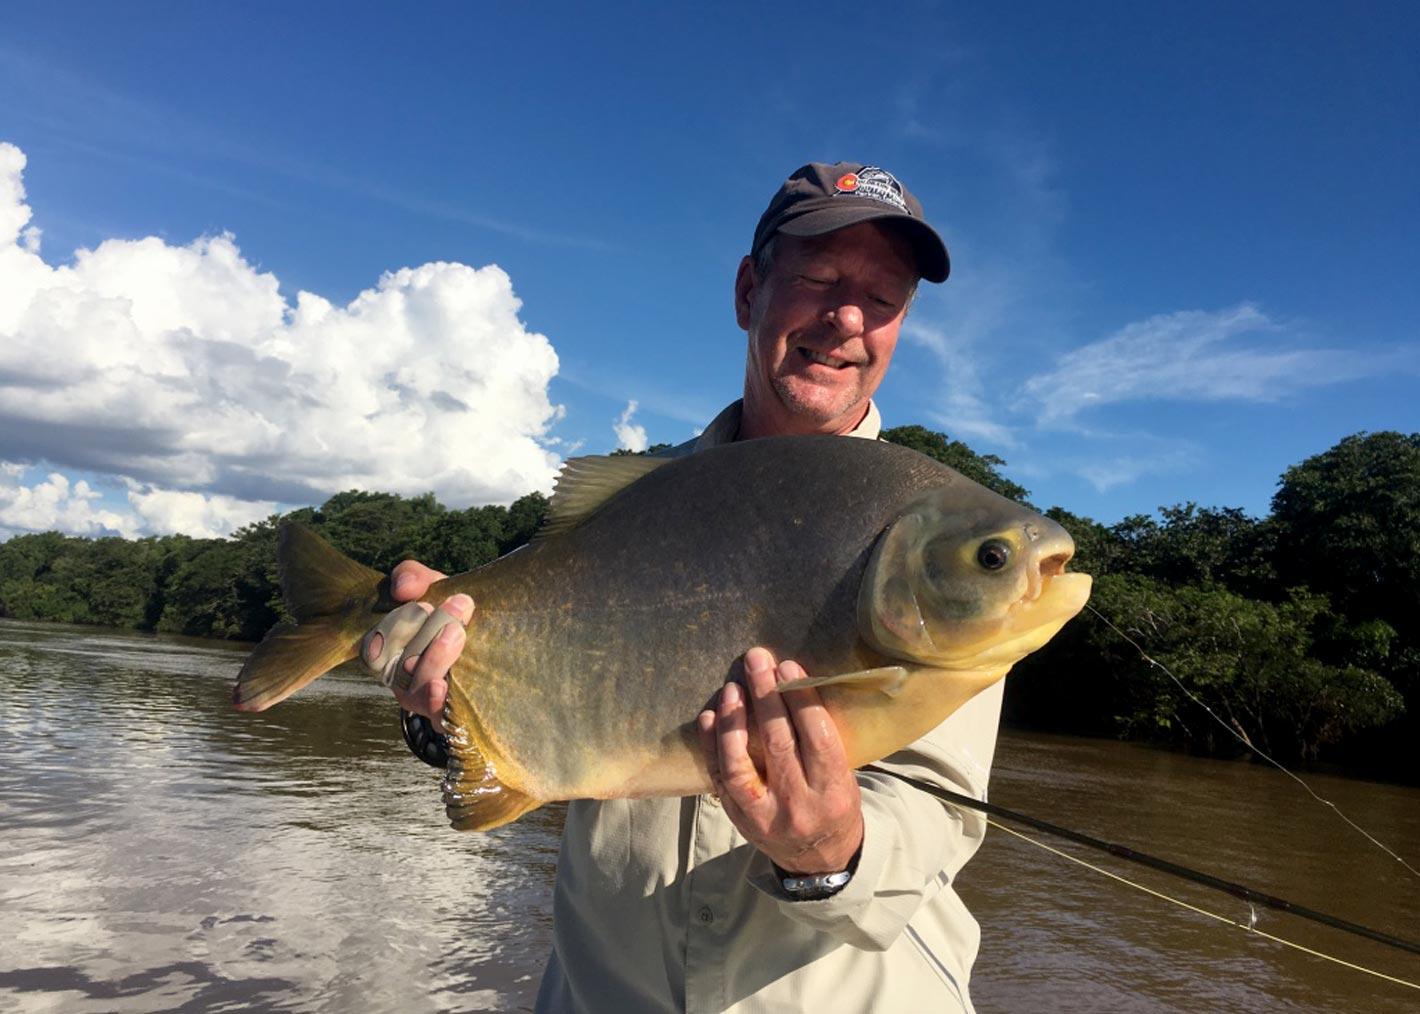 Grand Slam, Golden Fly Fishing